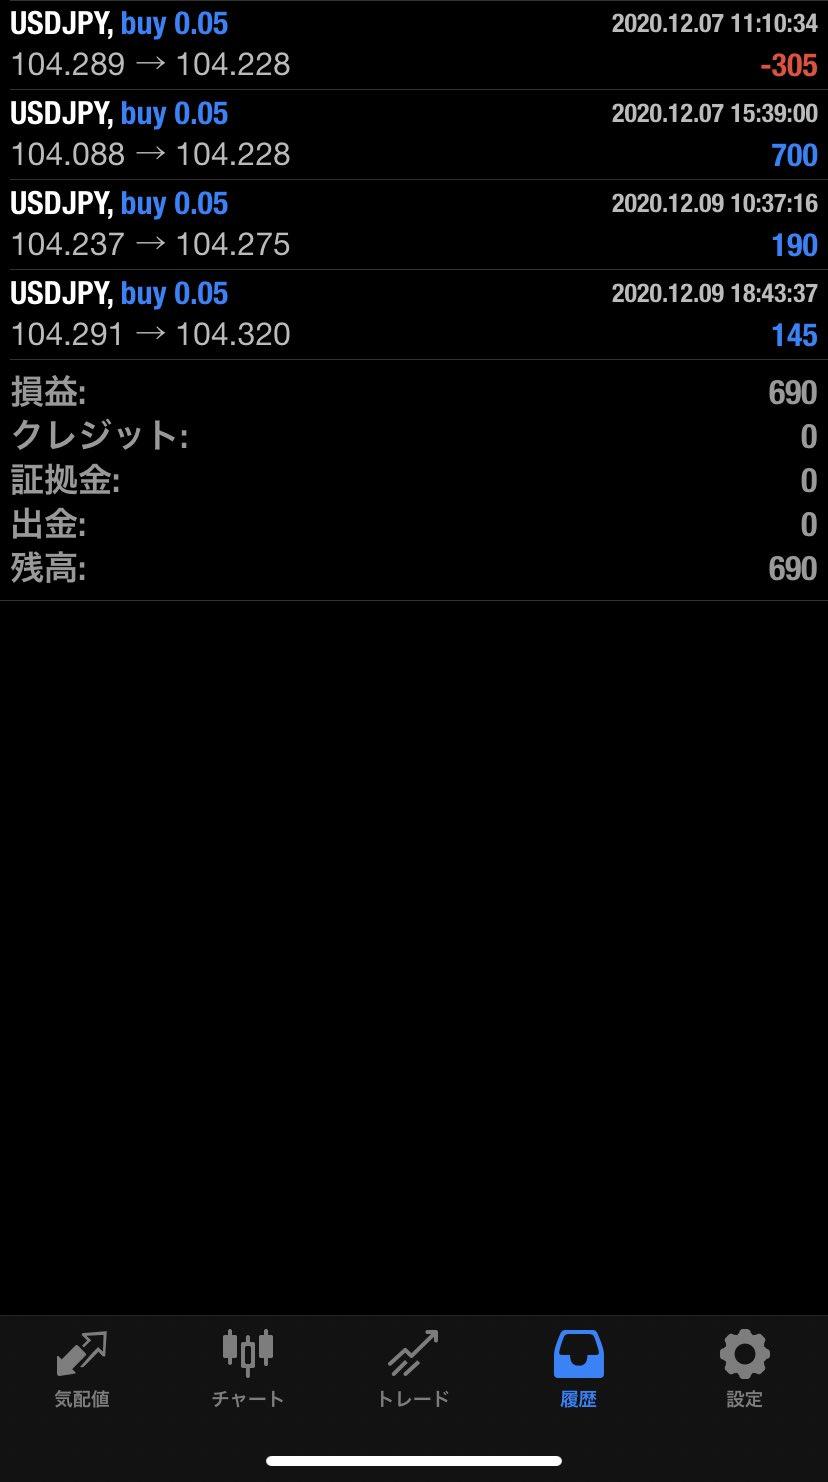 2020年12月9日 USD/JPYバージョン690円